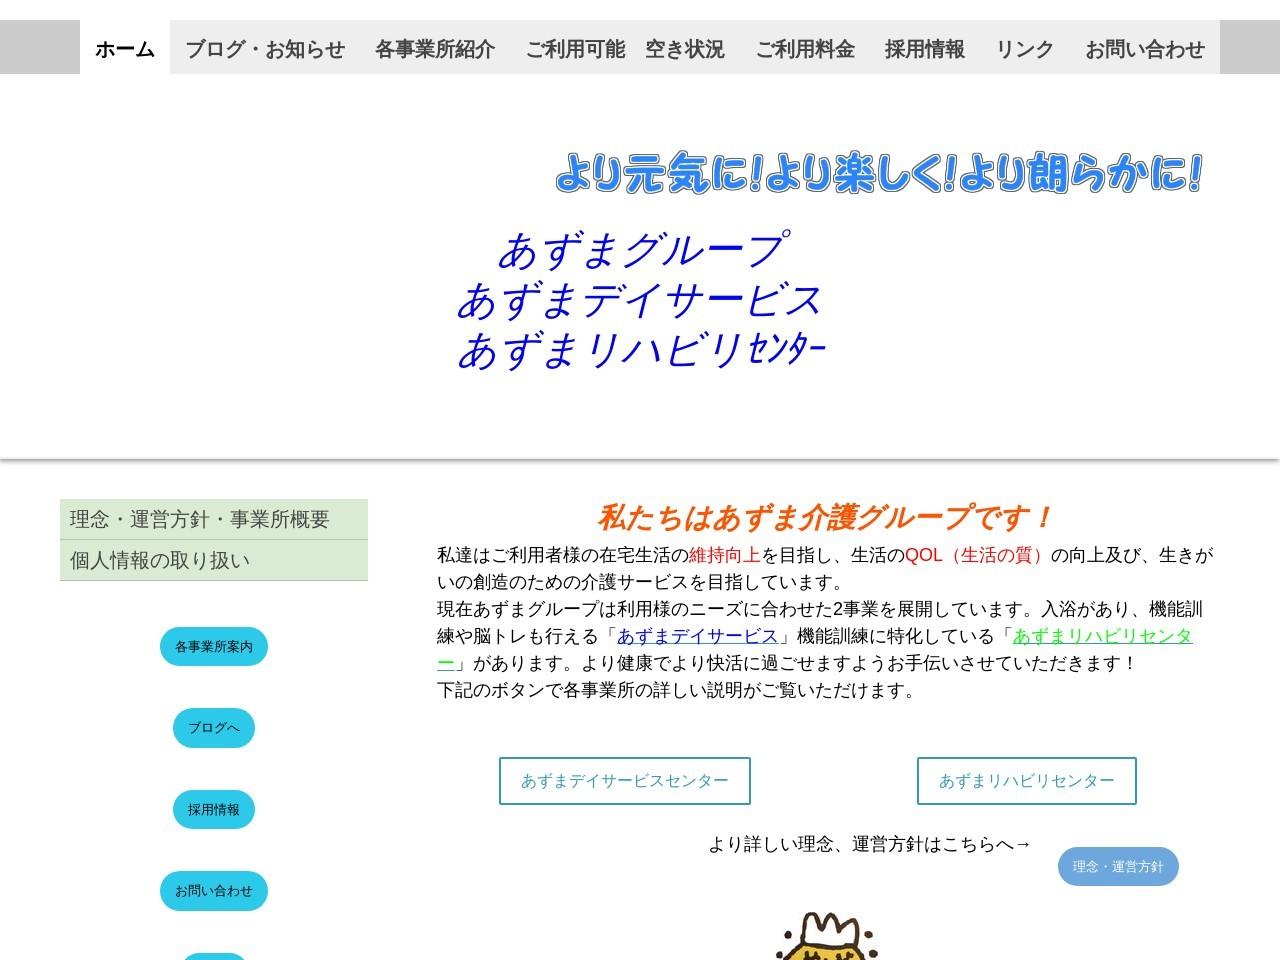 あずまデイサービス ホームページ - あずまデイサービスのホームページ!